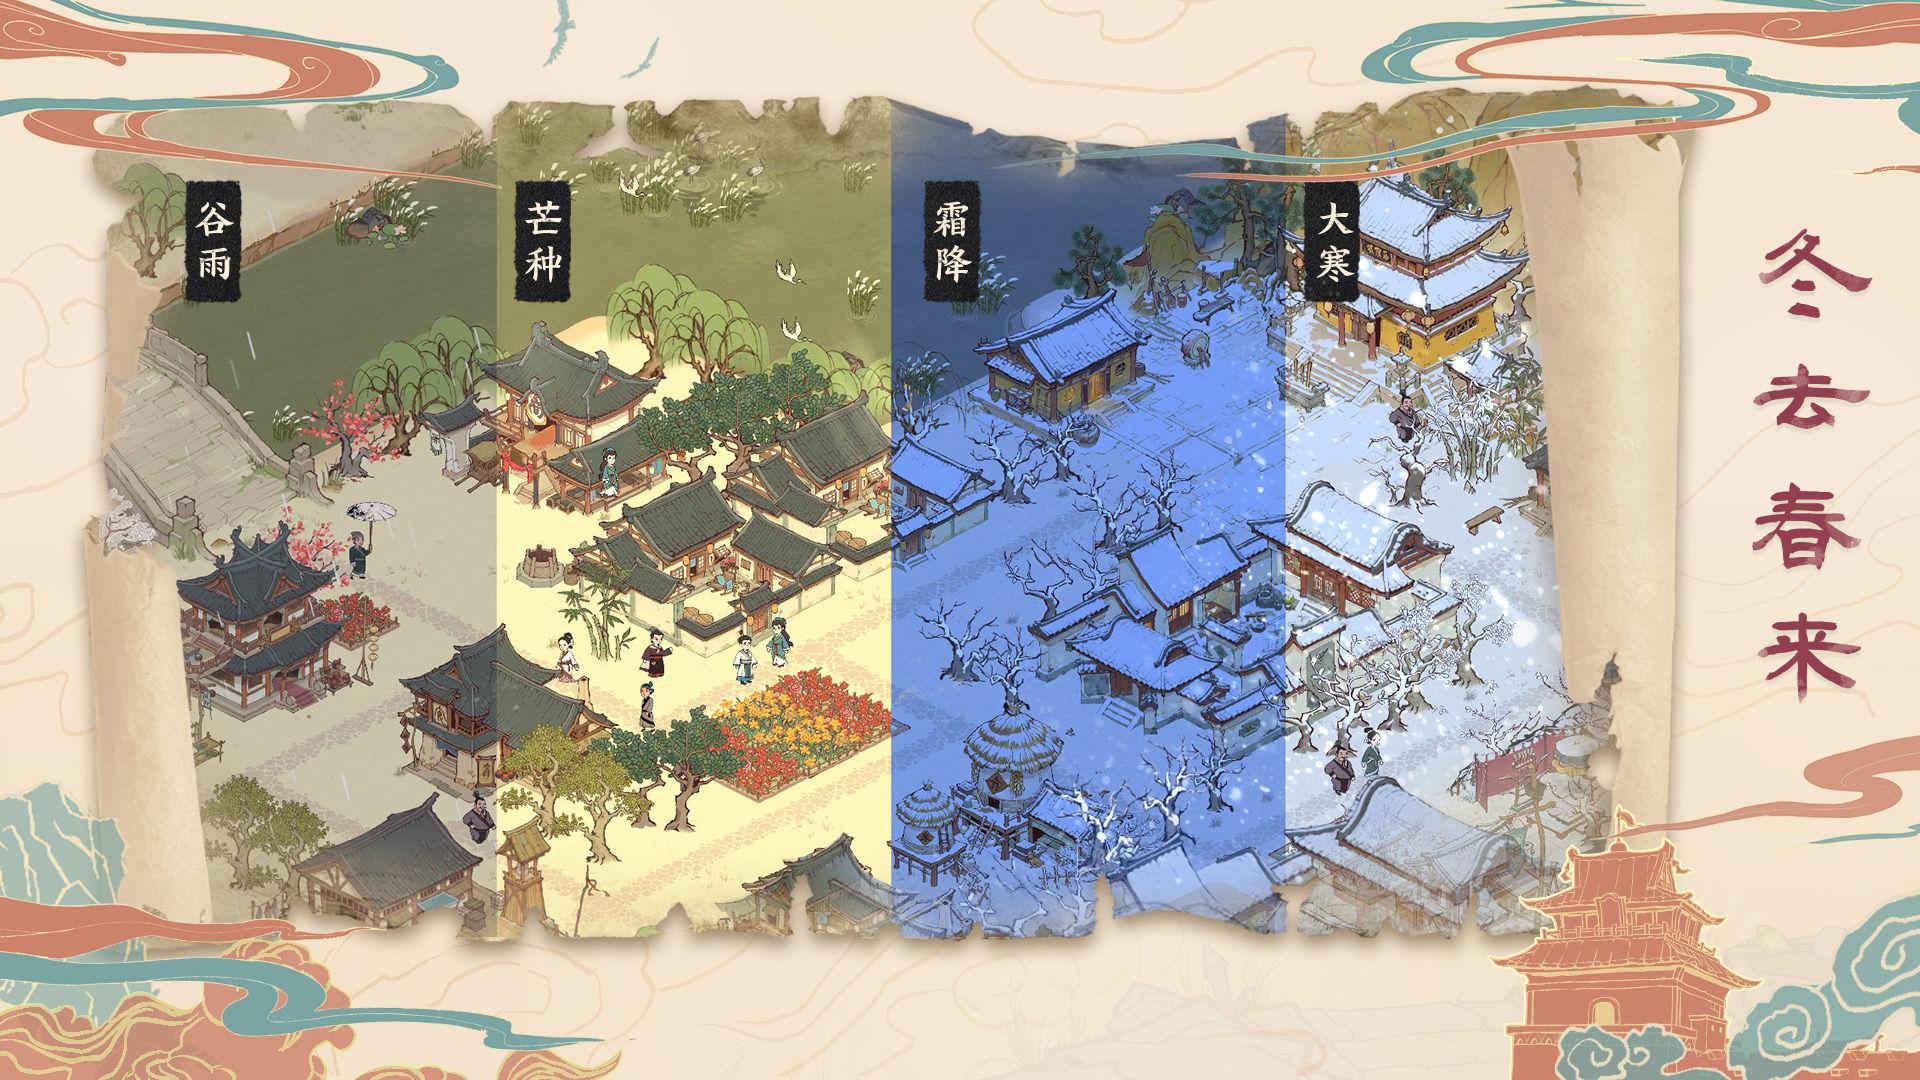 千年关外行游戏官方测试版图3: